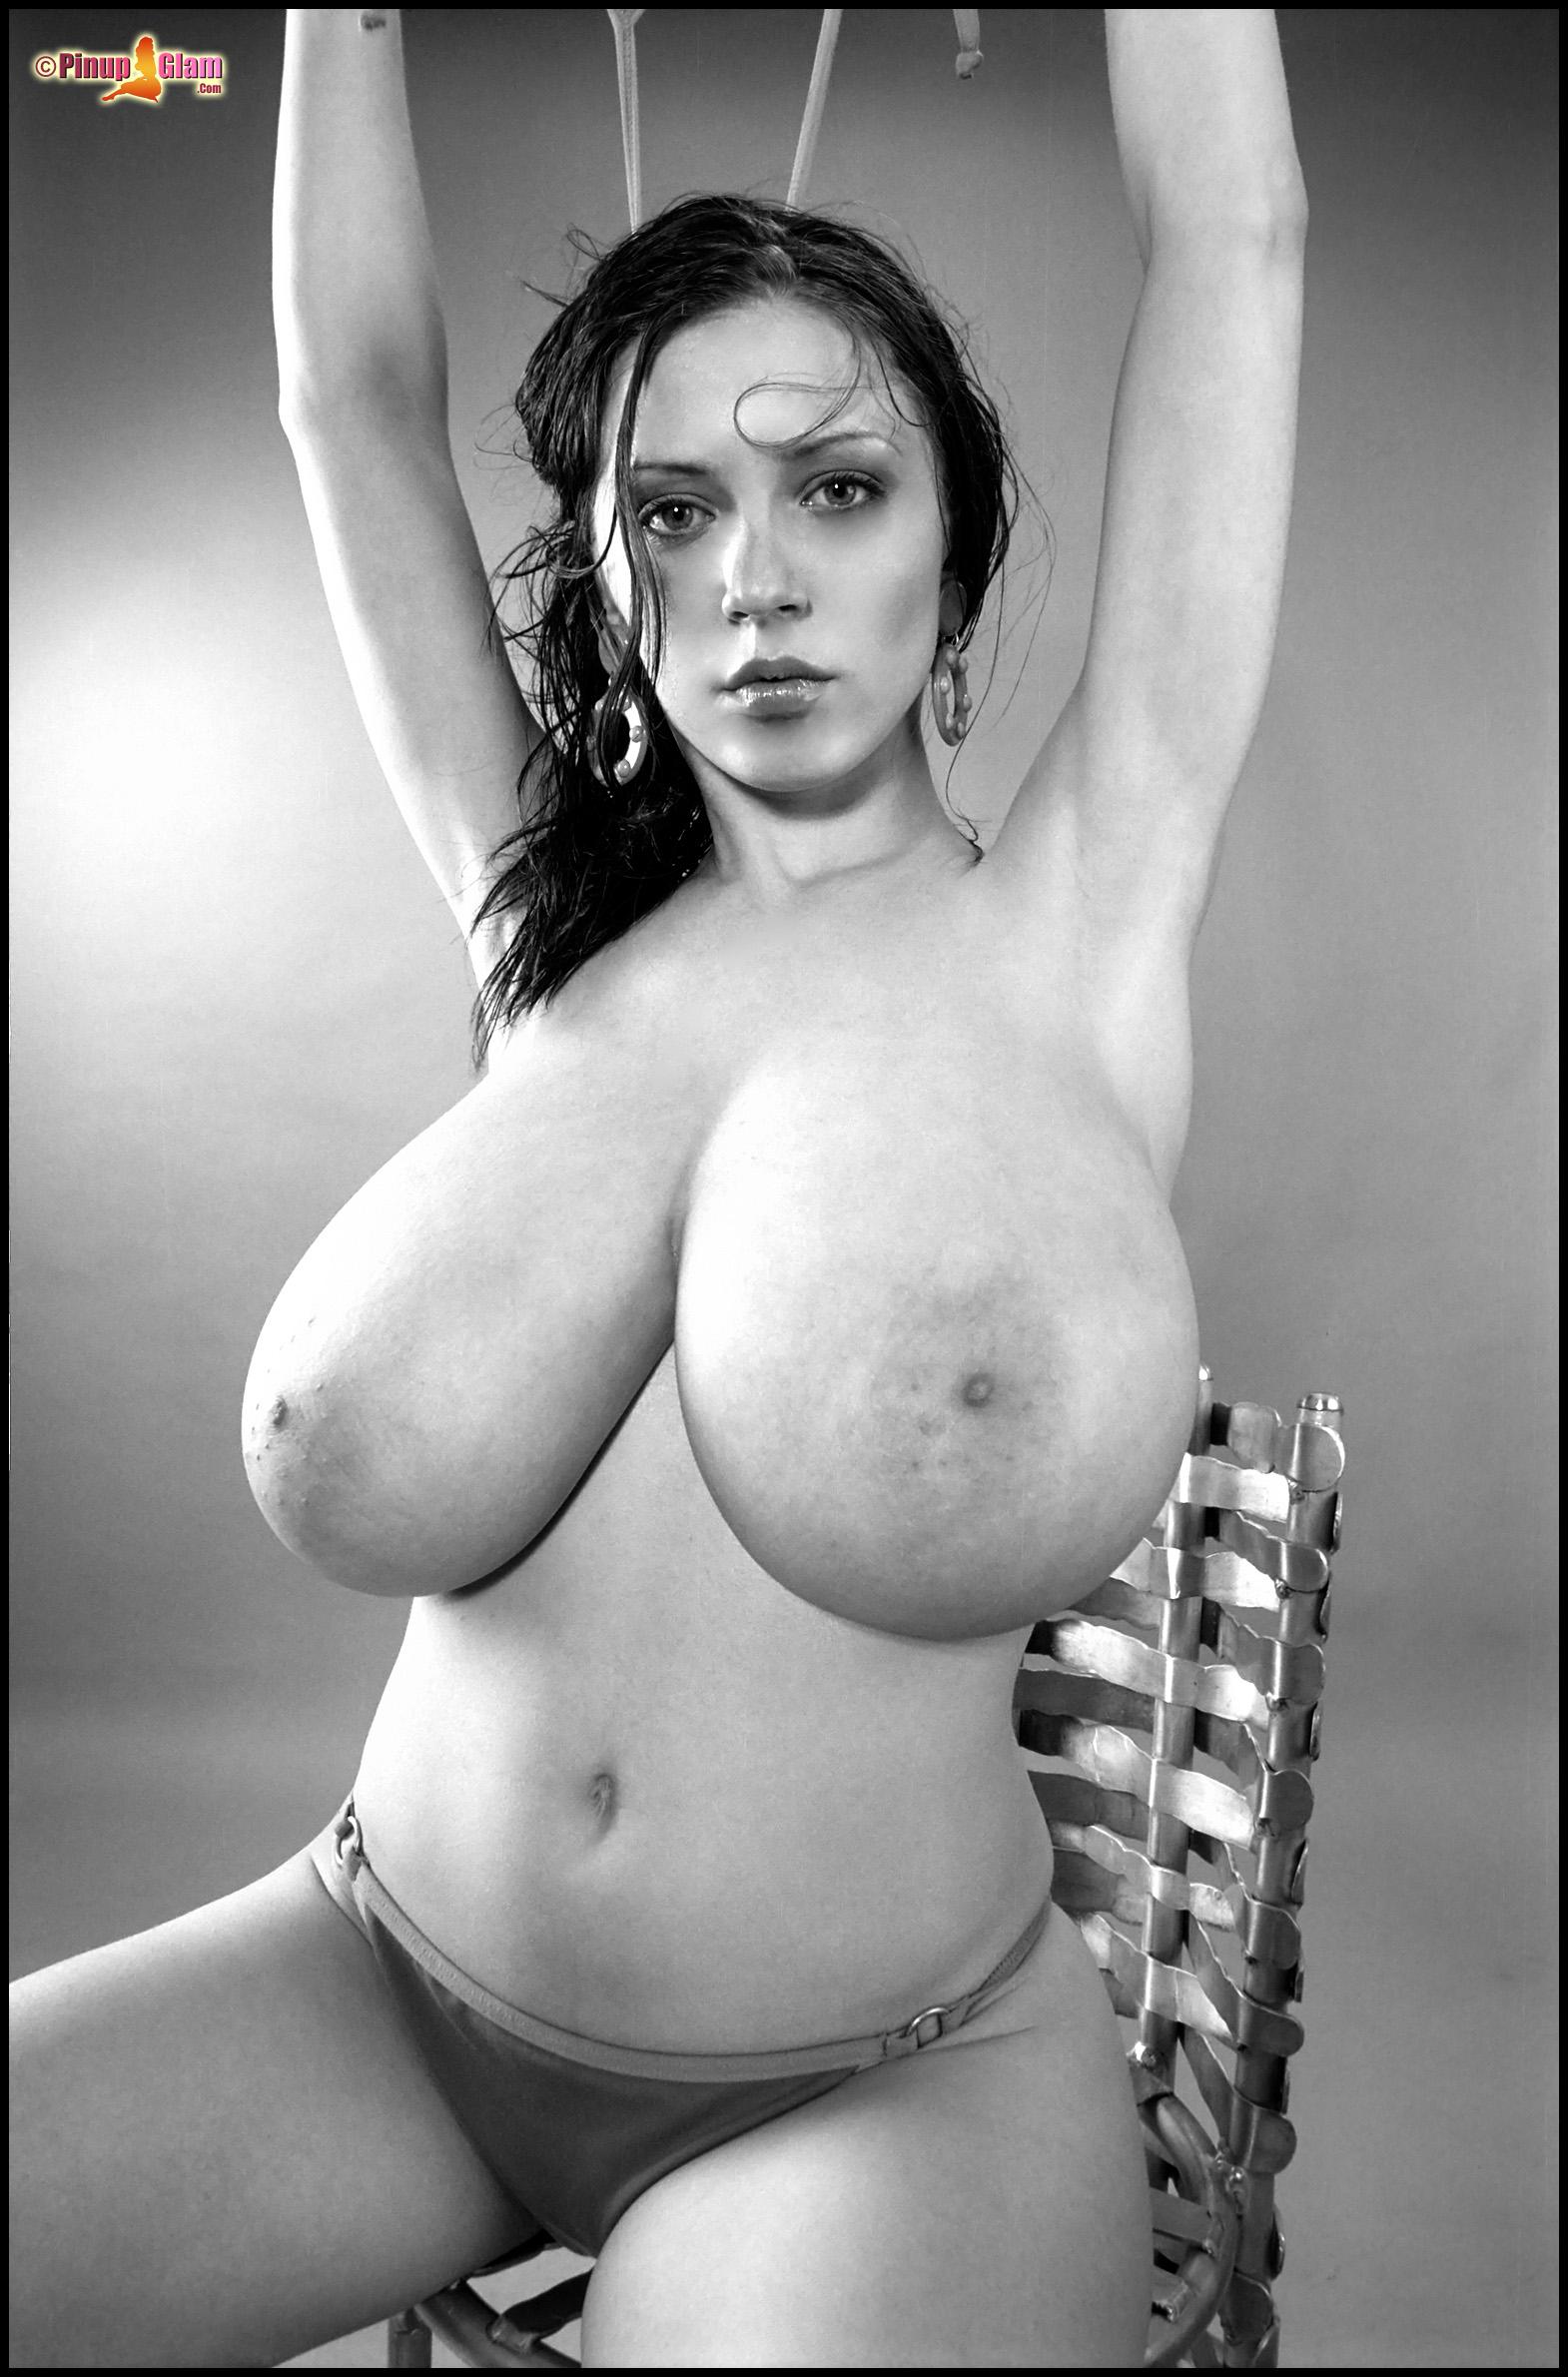 Big tits pin up